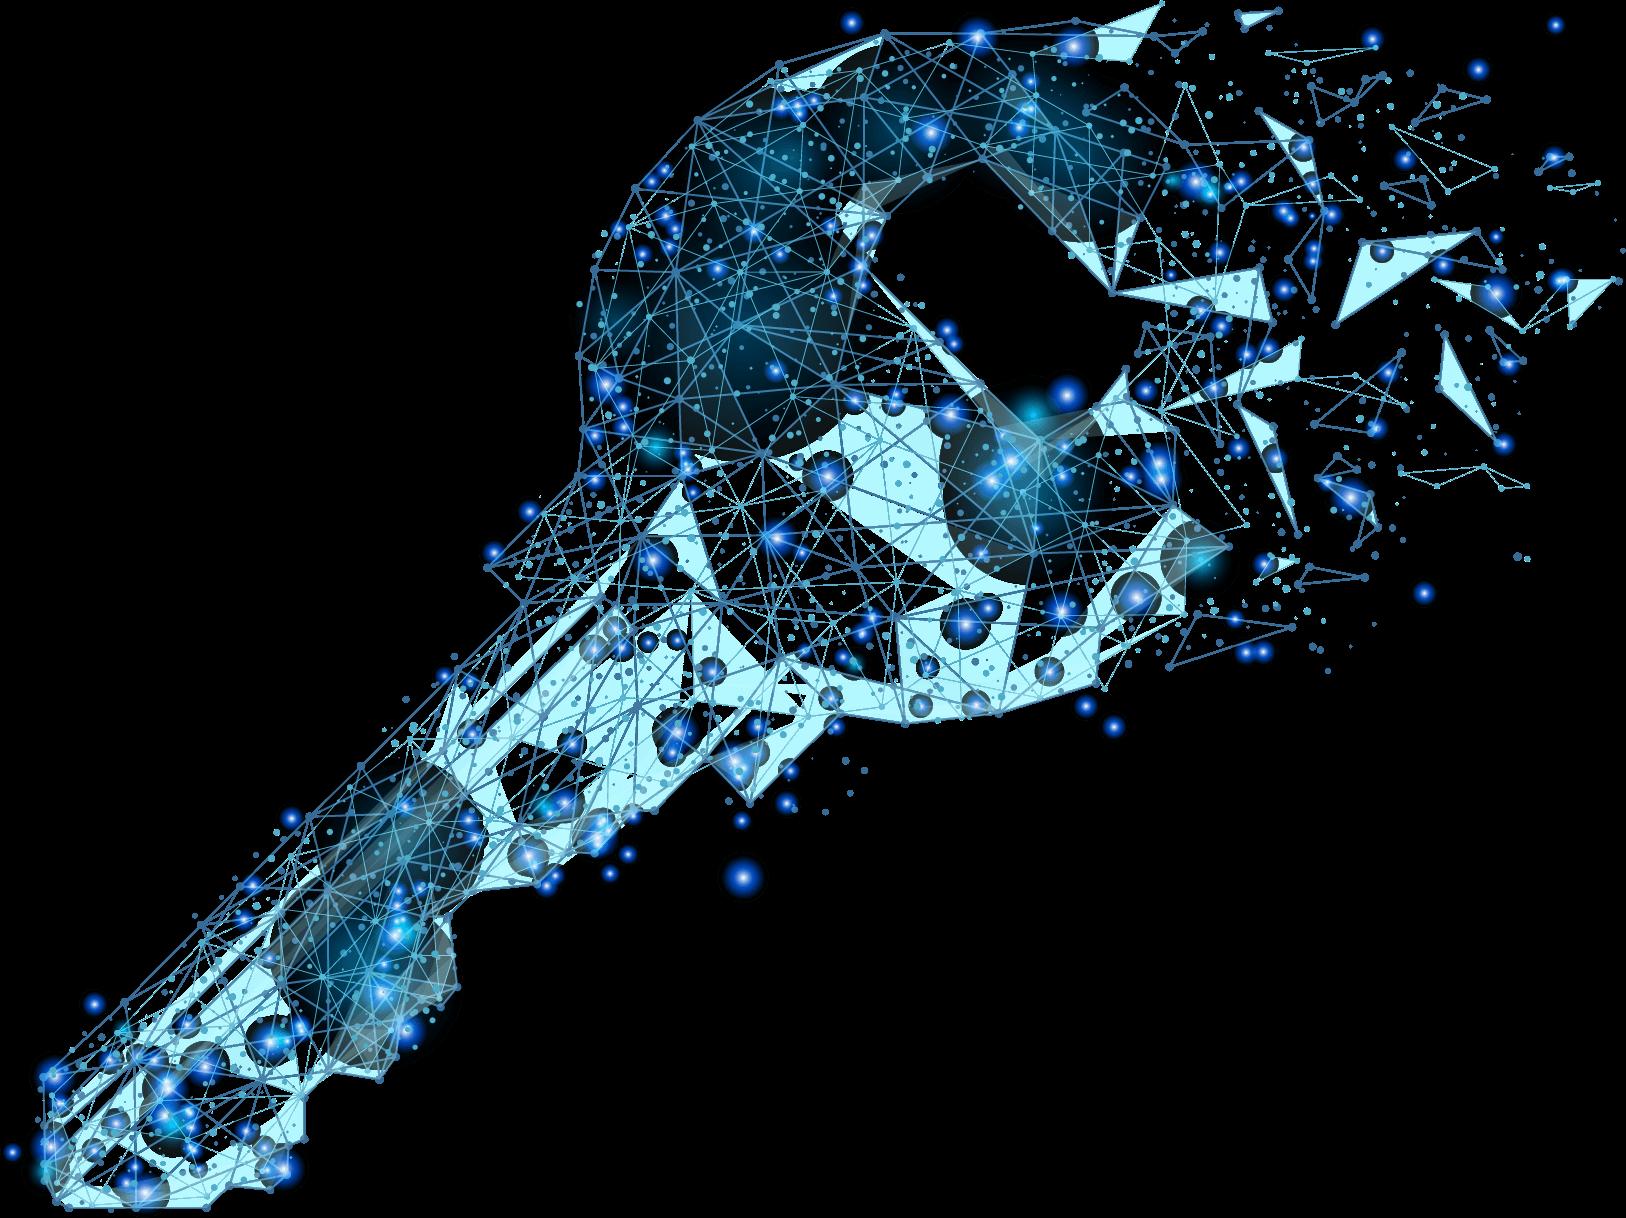 Ein Schlüssel aus einem Netz aus Dreiecken